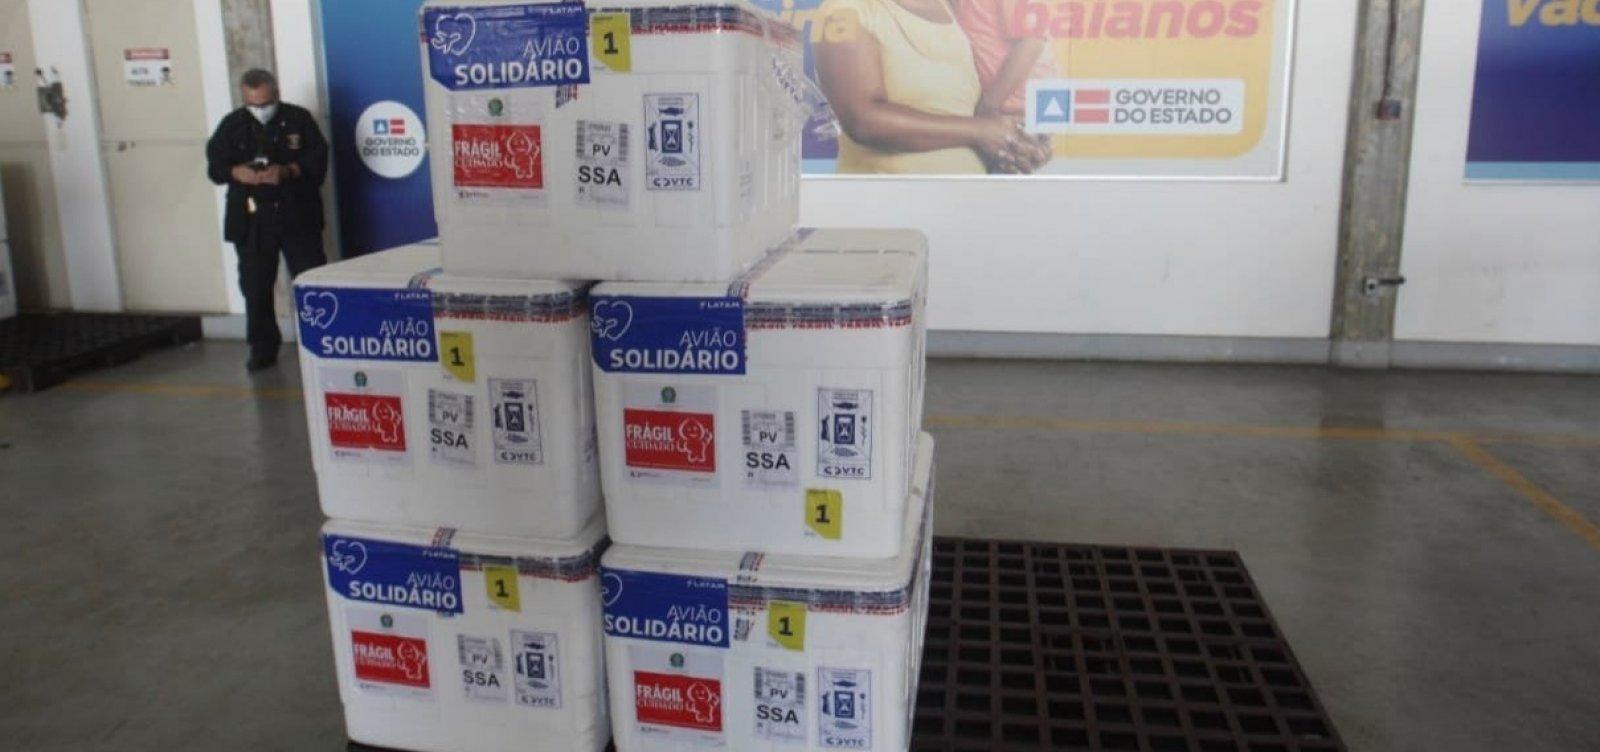 Em meio à crise da segunda dose, Bahia recebe carregamento de CoronaVac